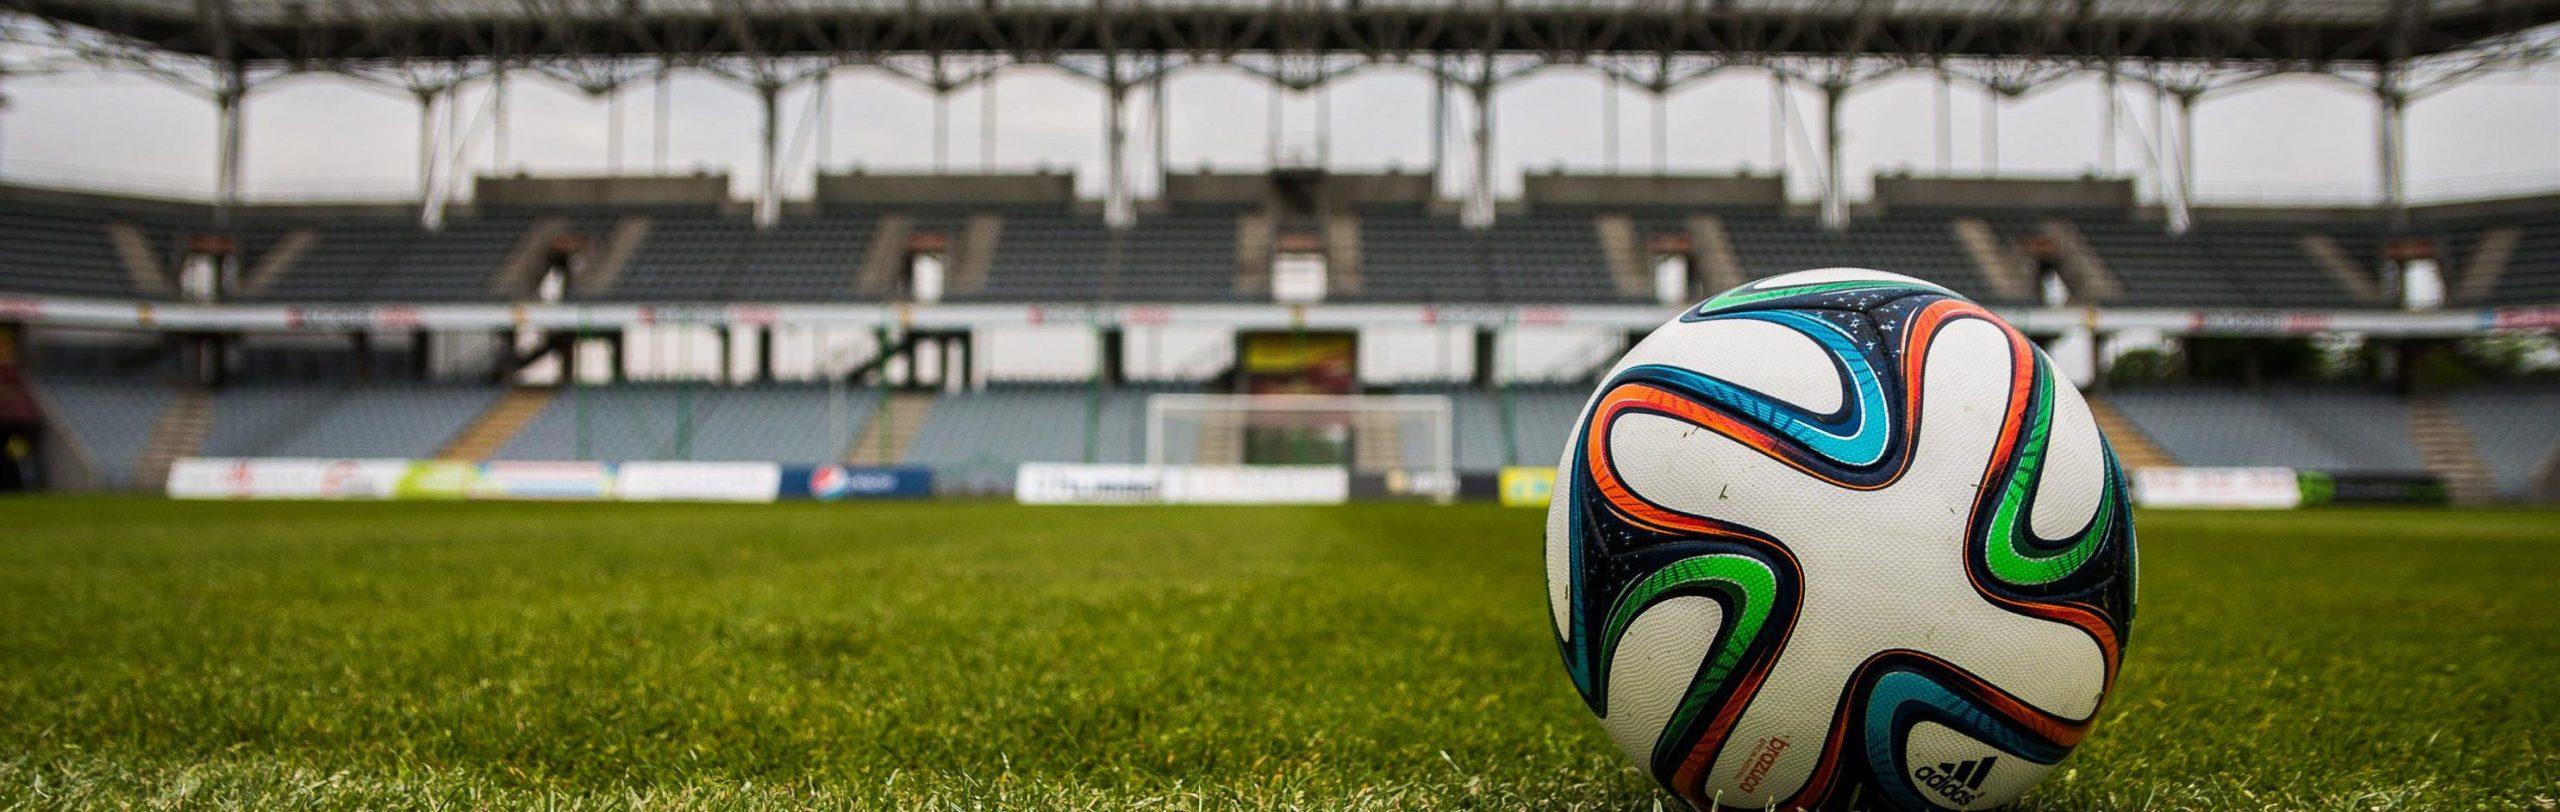 RCS y los equipos de futbol